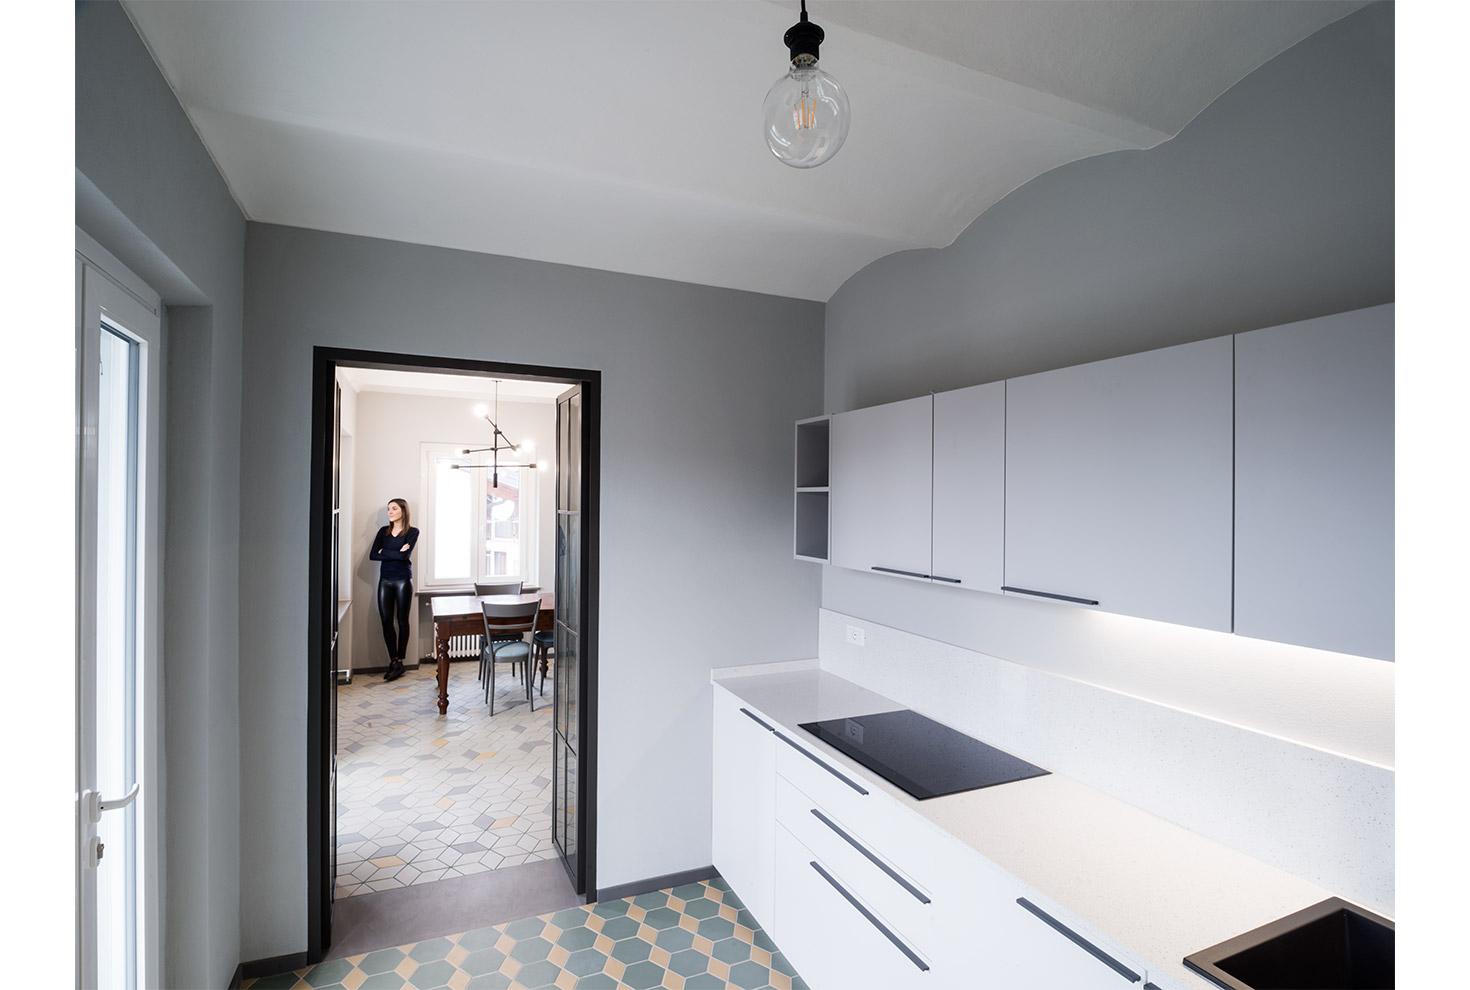 marco-tacchini-fotografo-architettura-antonio-perrone-villa-fc_14